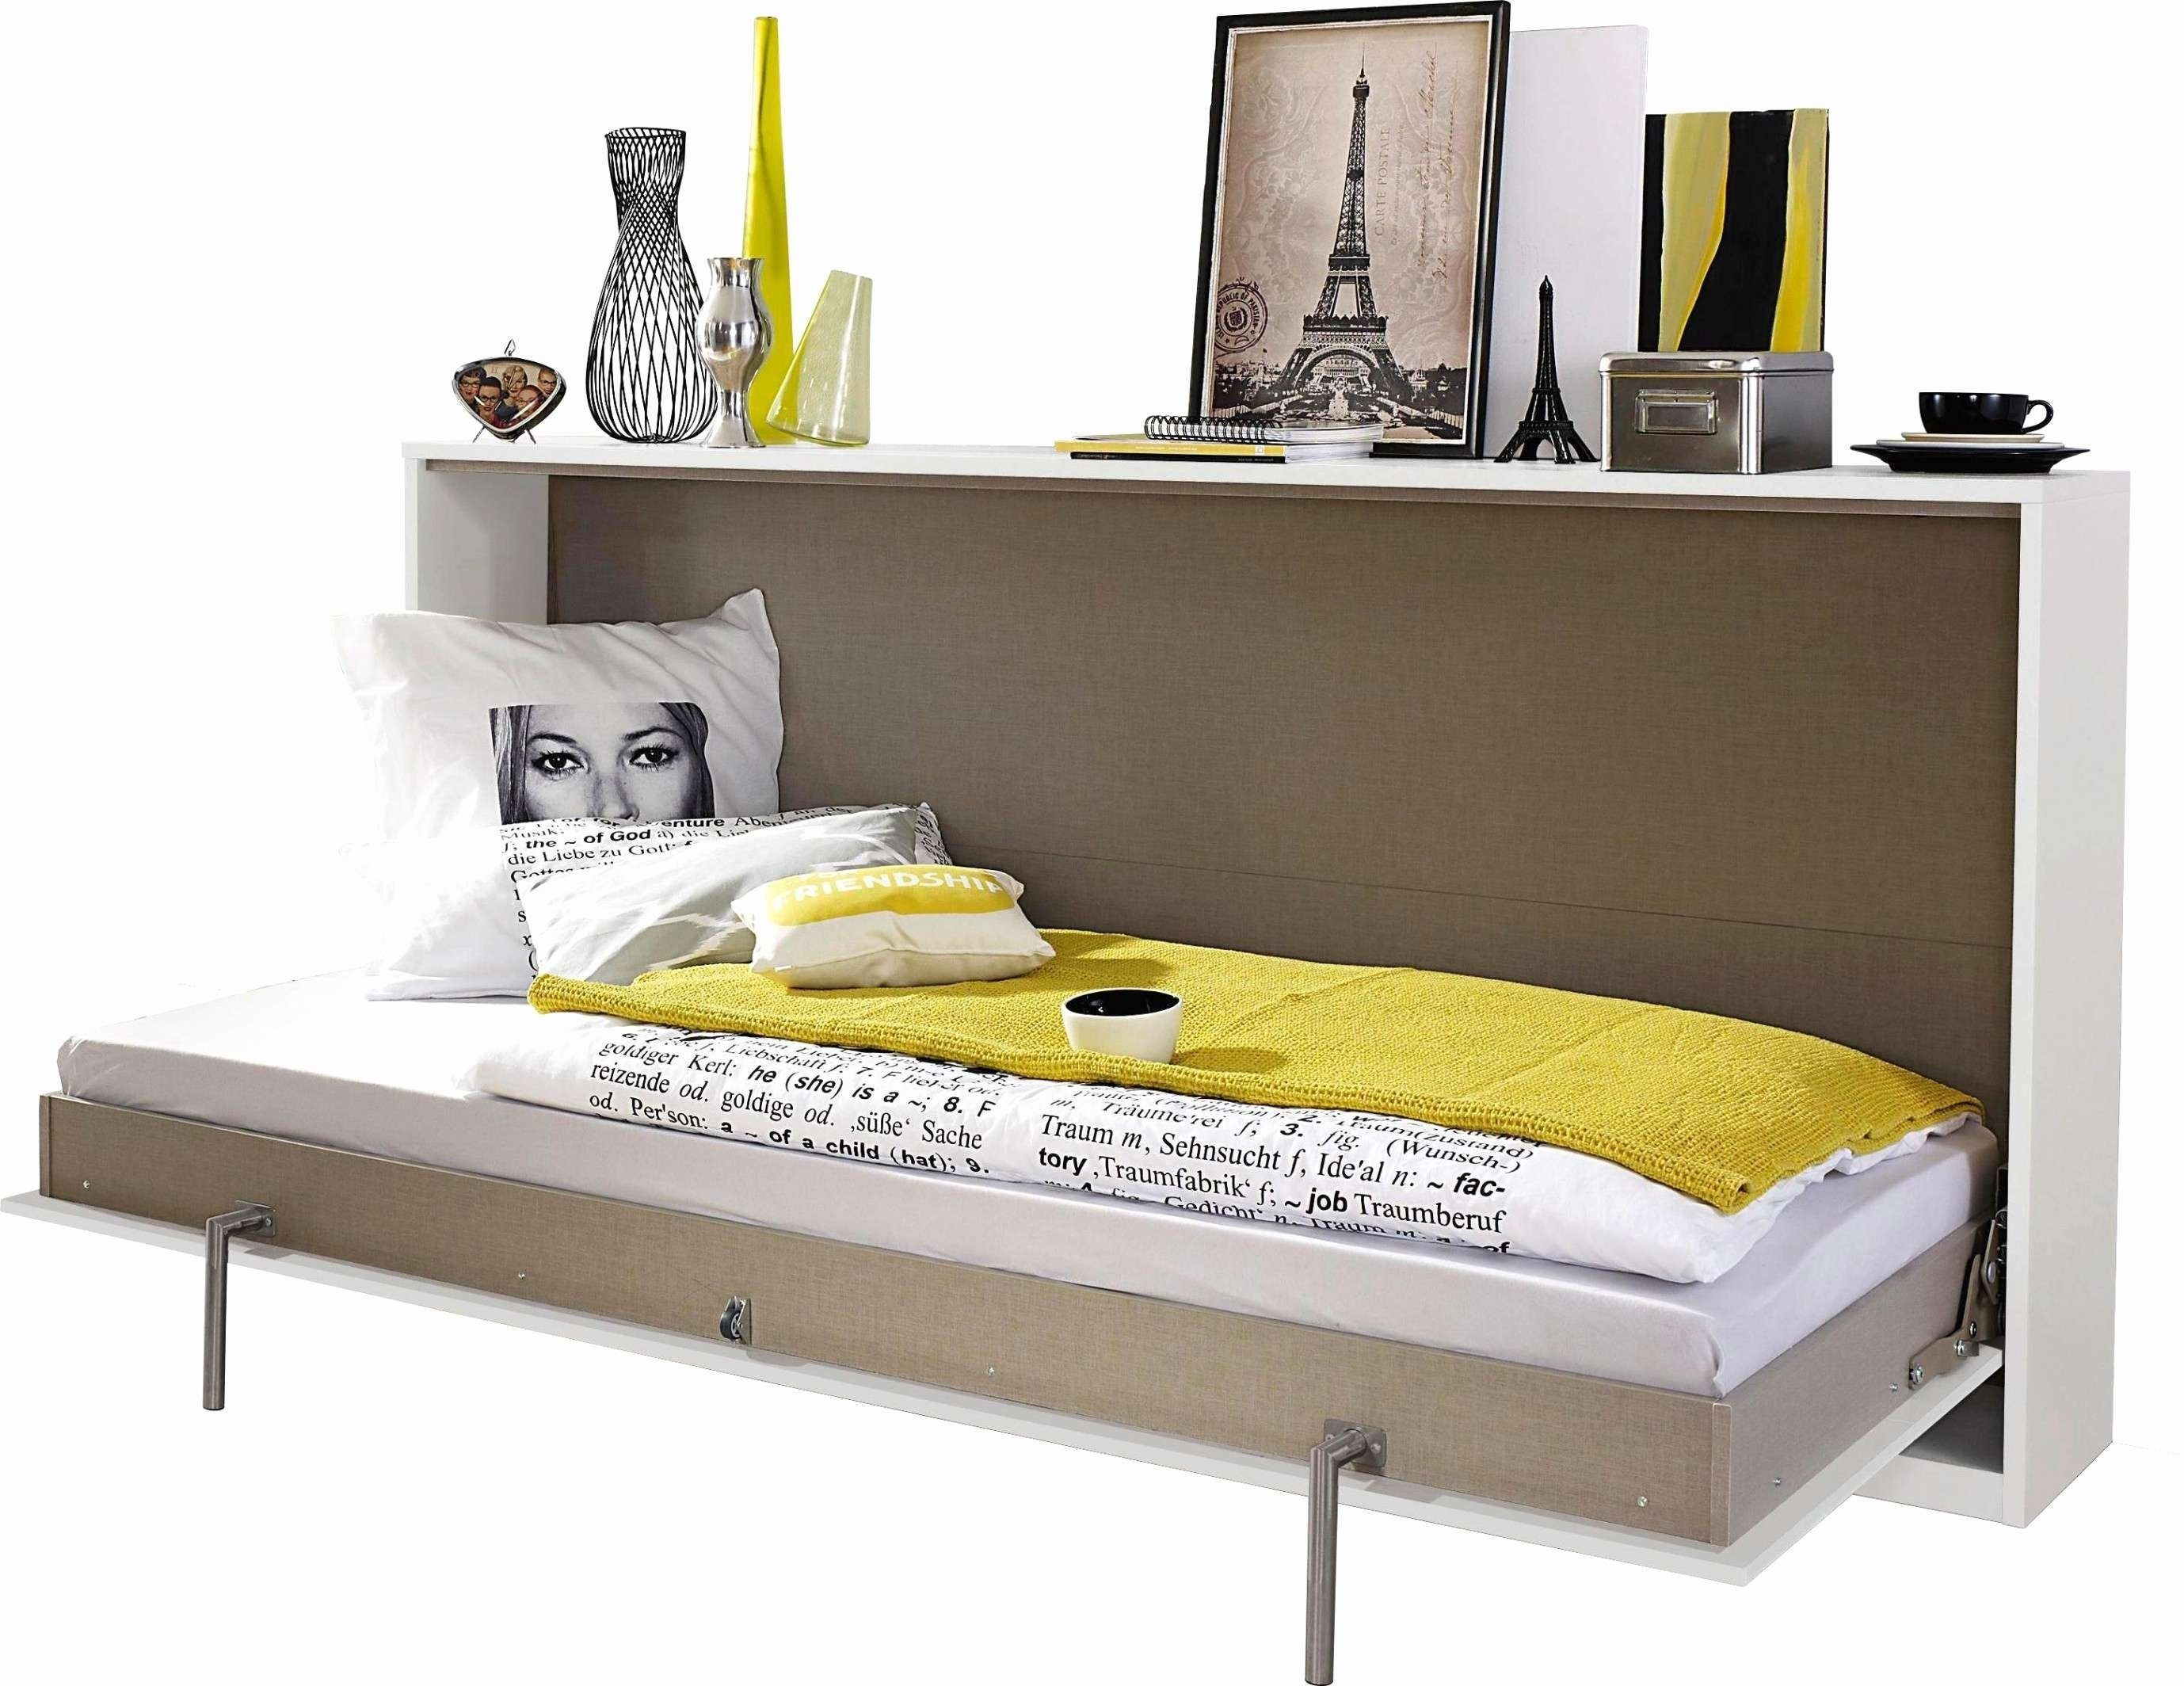 Lit Coffre Bois 160×200 Meilleur De Lit Design 160—200 Elégant S Lit sommier Matelas 160—200 New